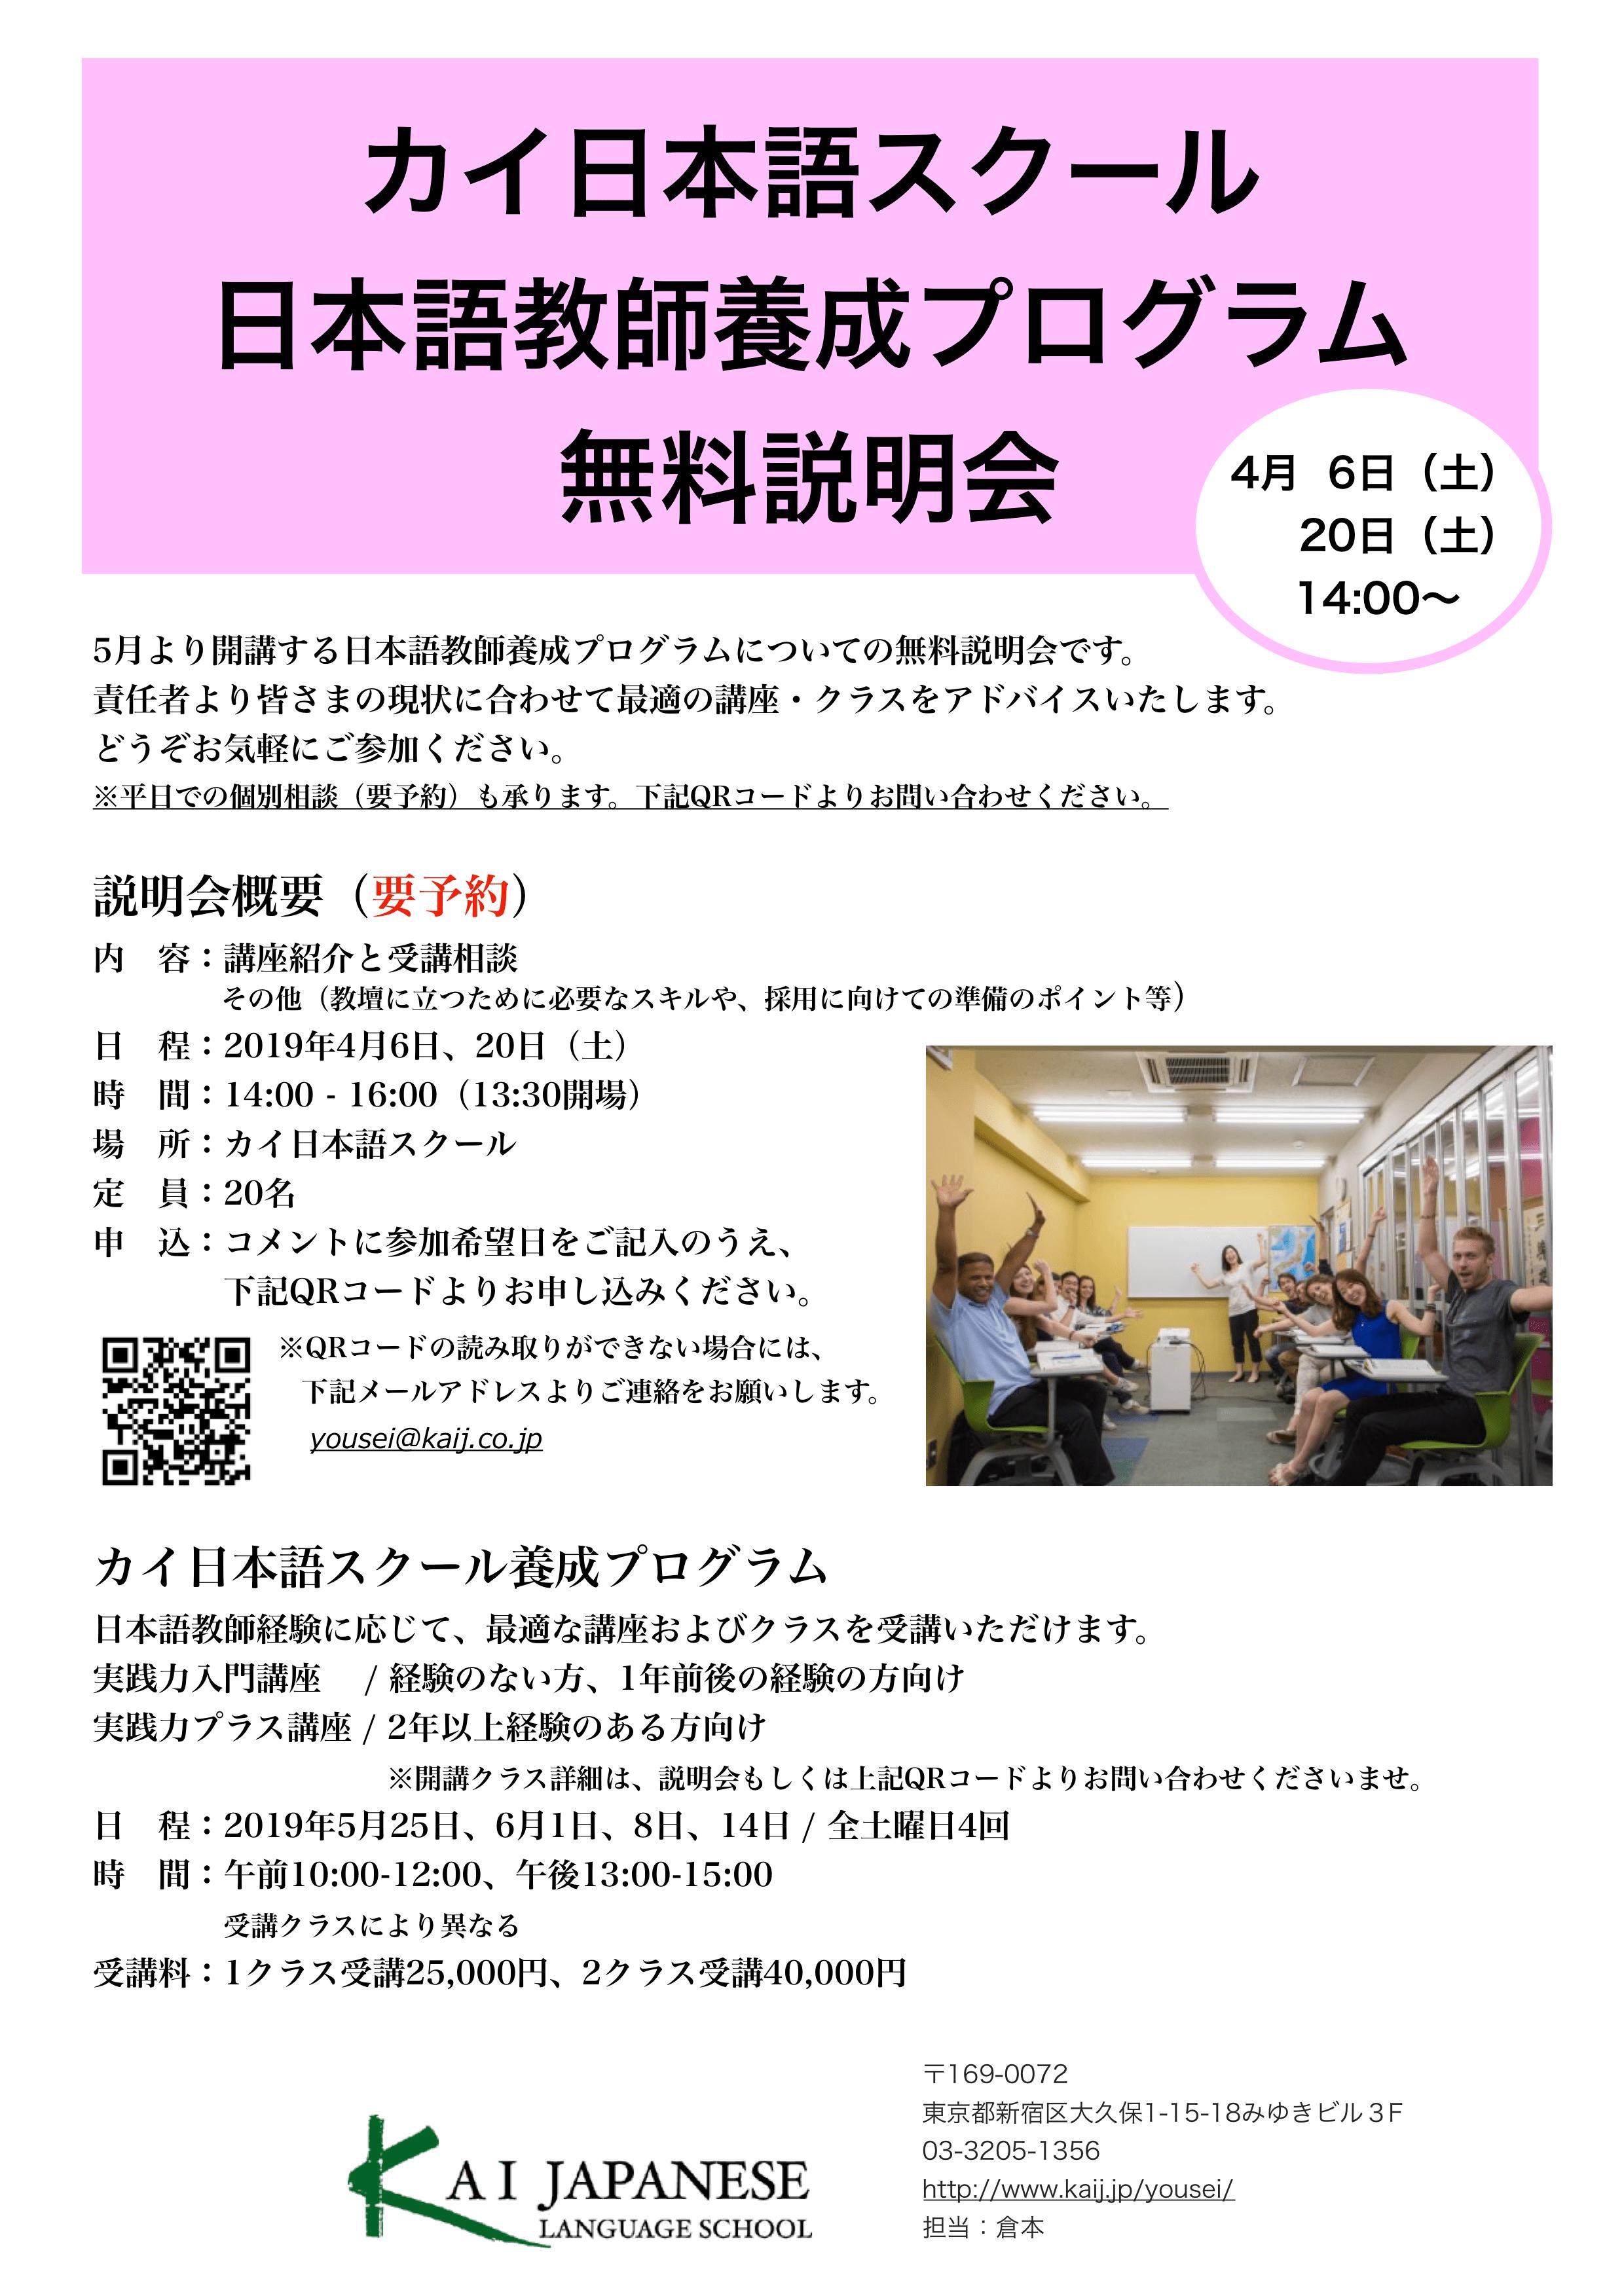 カイ日本語スクール日本語教師養成プログラム無料説明会